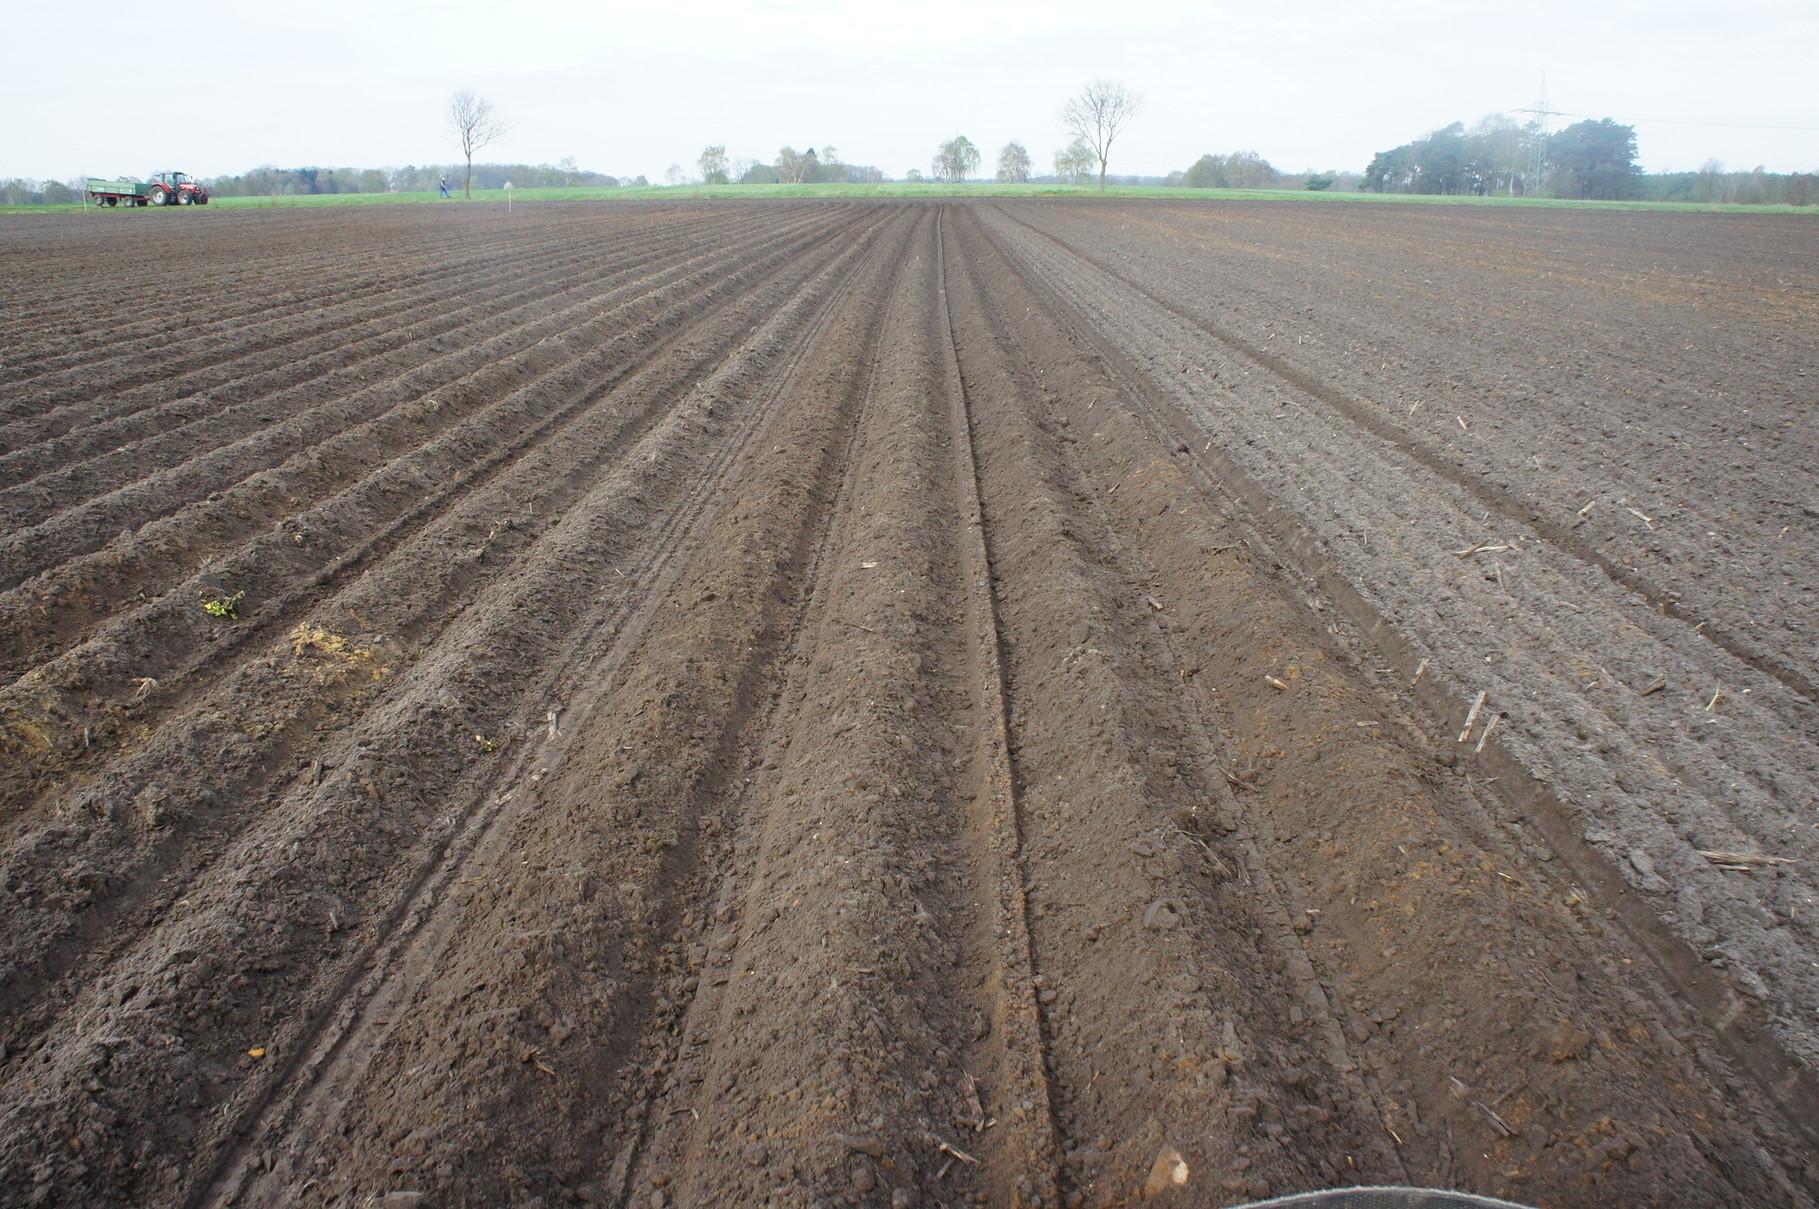 Kartoffelpflanzung-ein Feld nach dem Pflanzen von Kartoffeln